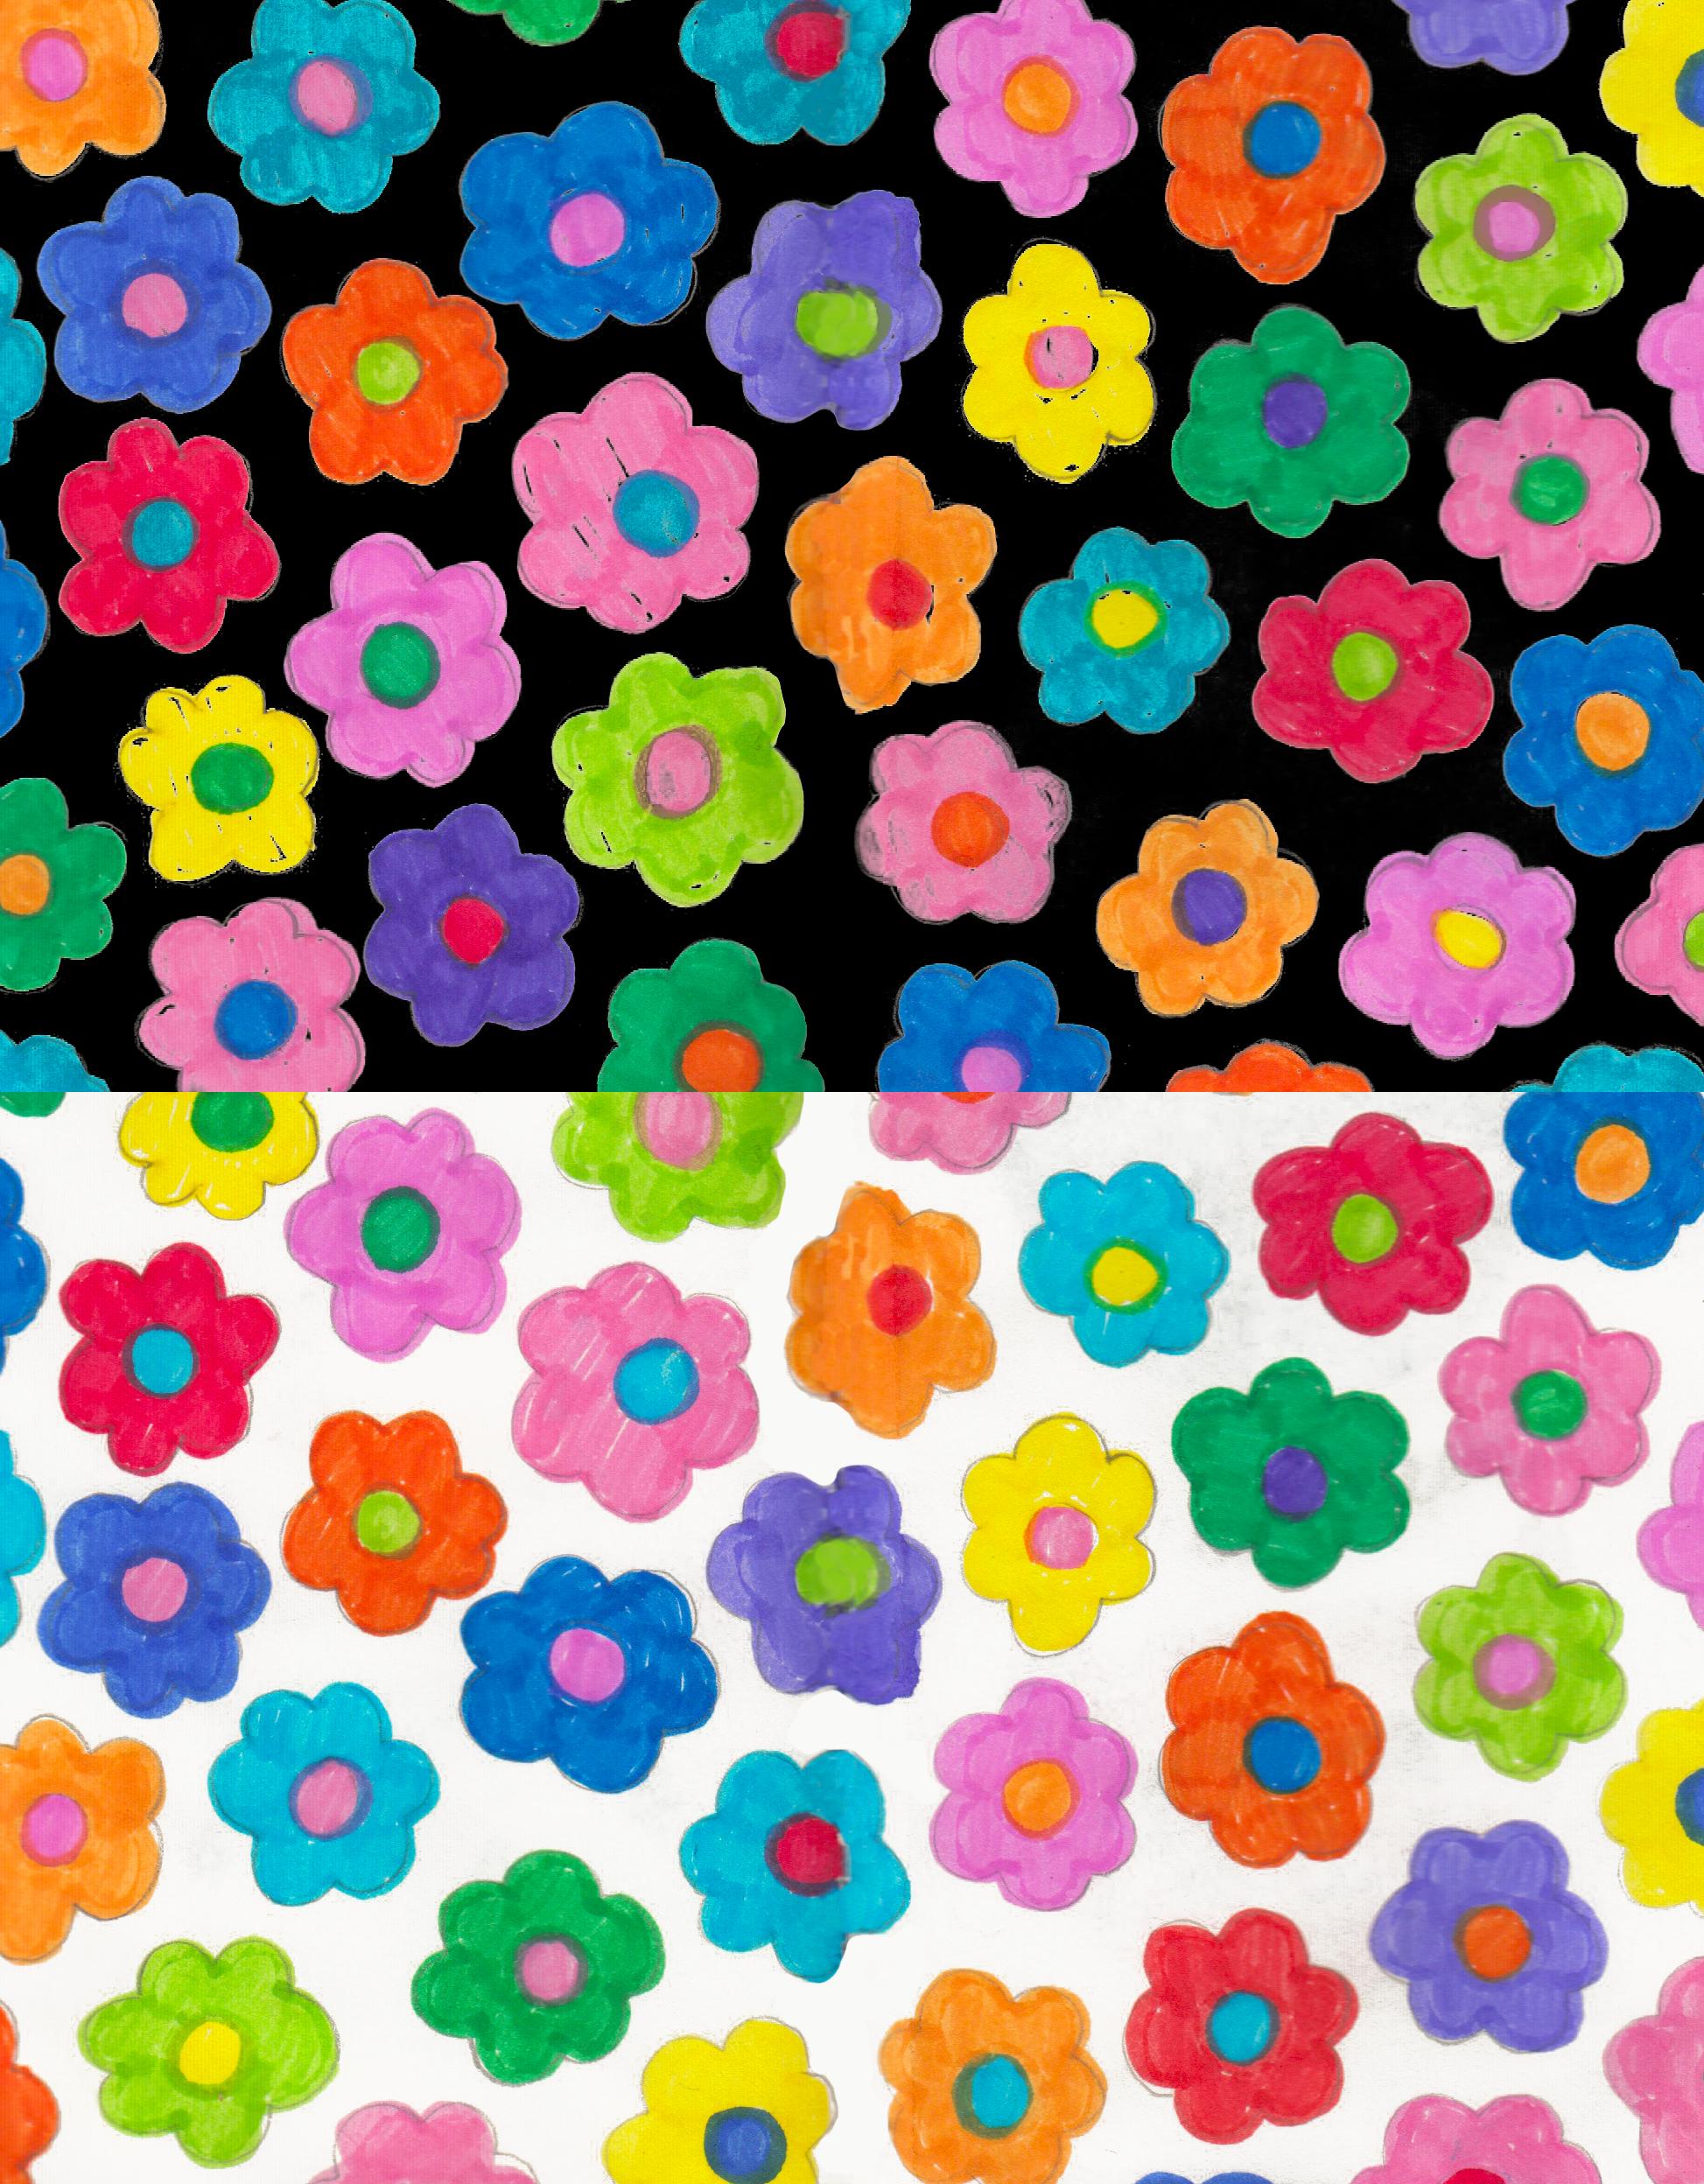 flower drawing sketchbook 2.jpg